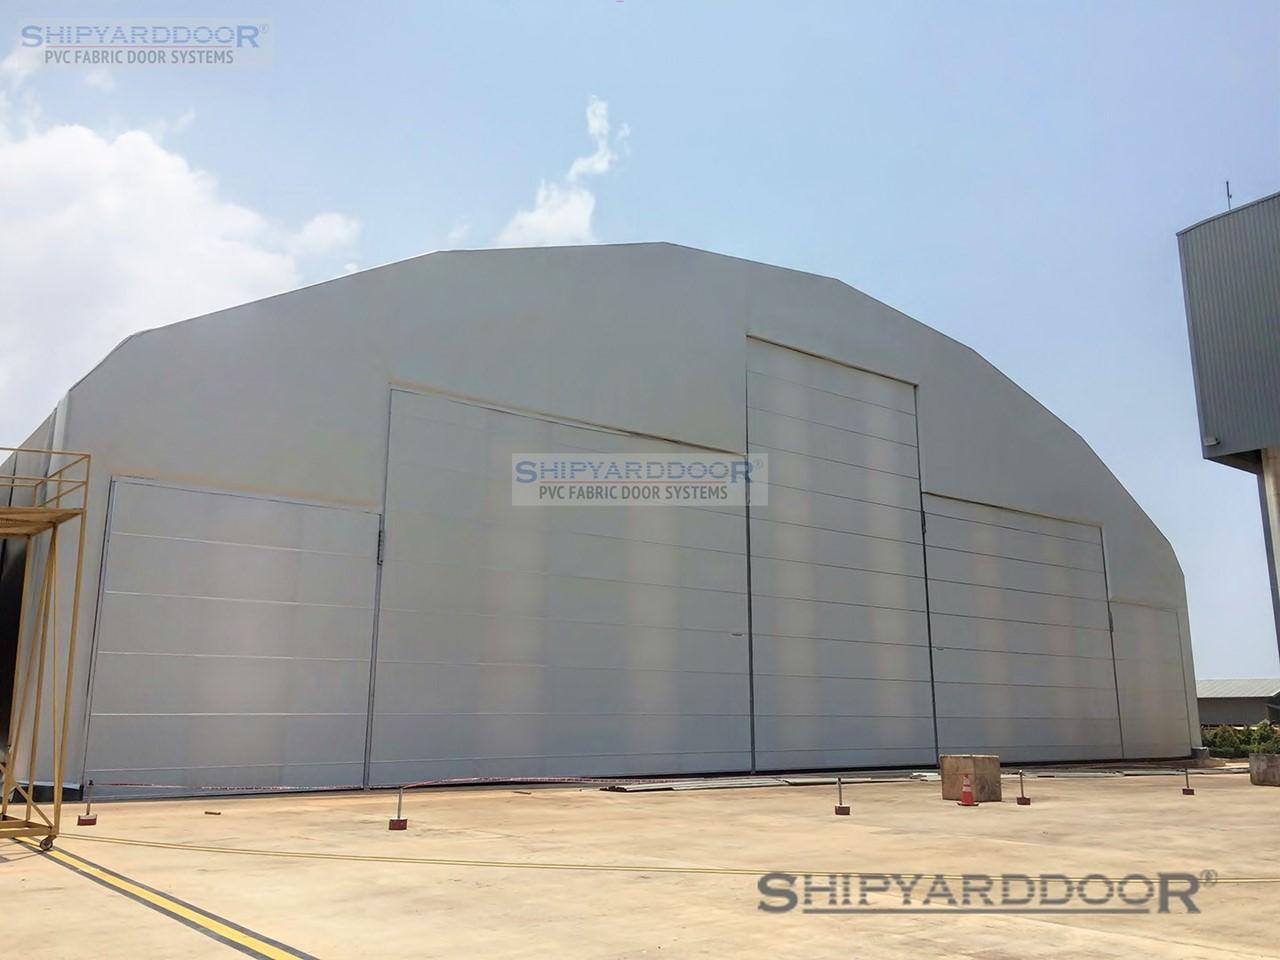 fabric aircraft hangar door indonesia en shipyarddoor